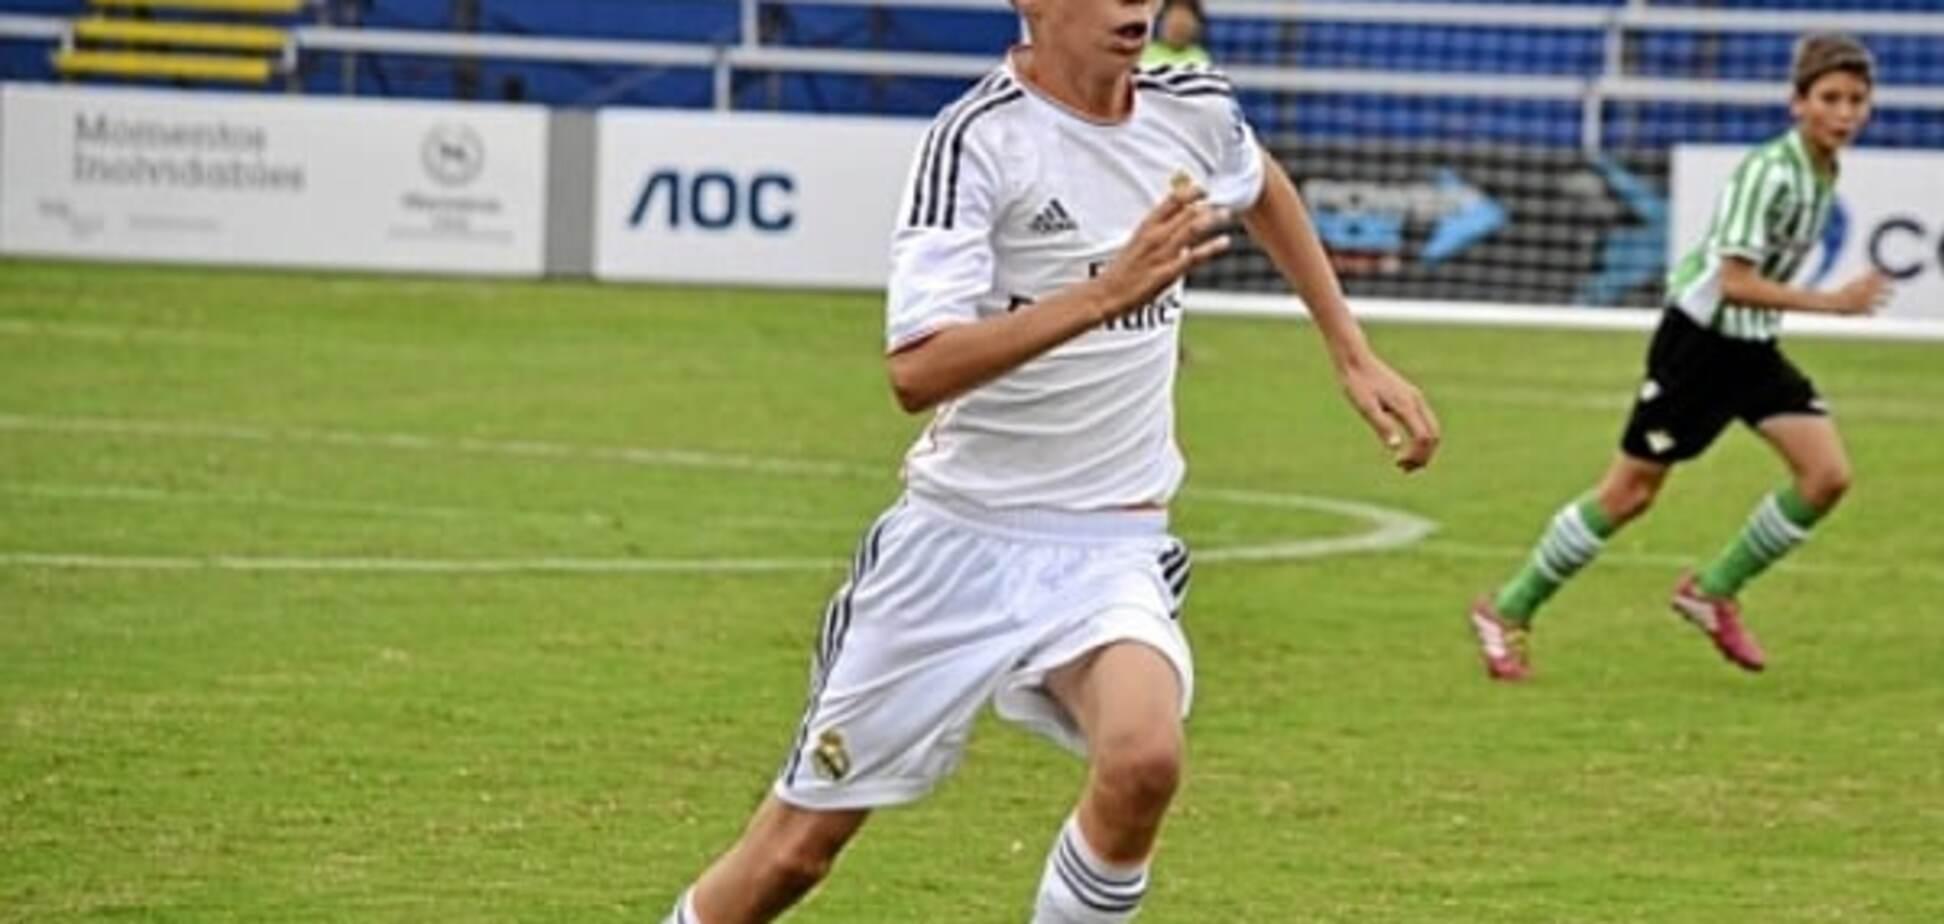 14-летний сын легендарного Зидана забил эффектный гол за 'Реал': видео шедевра